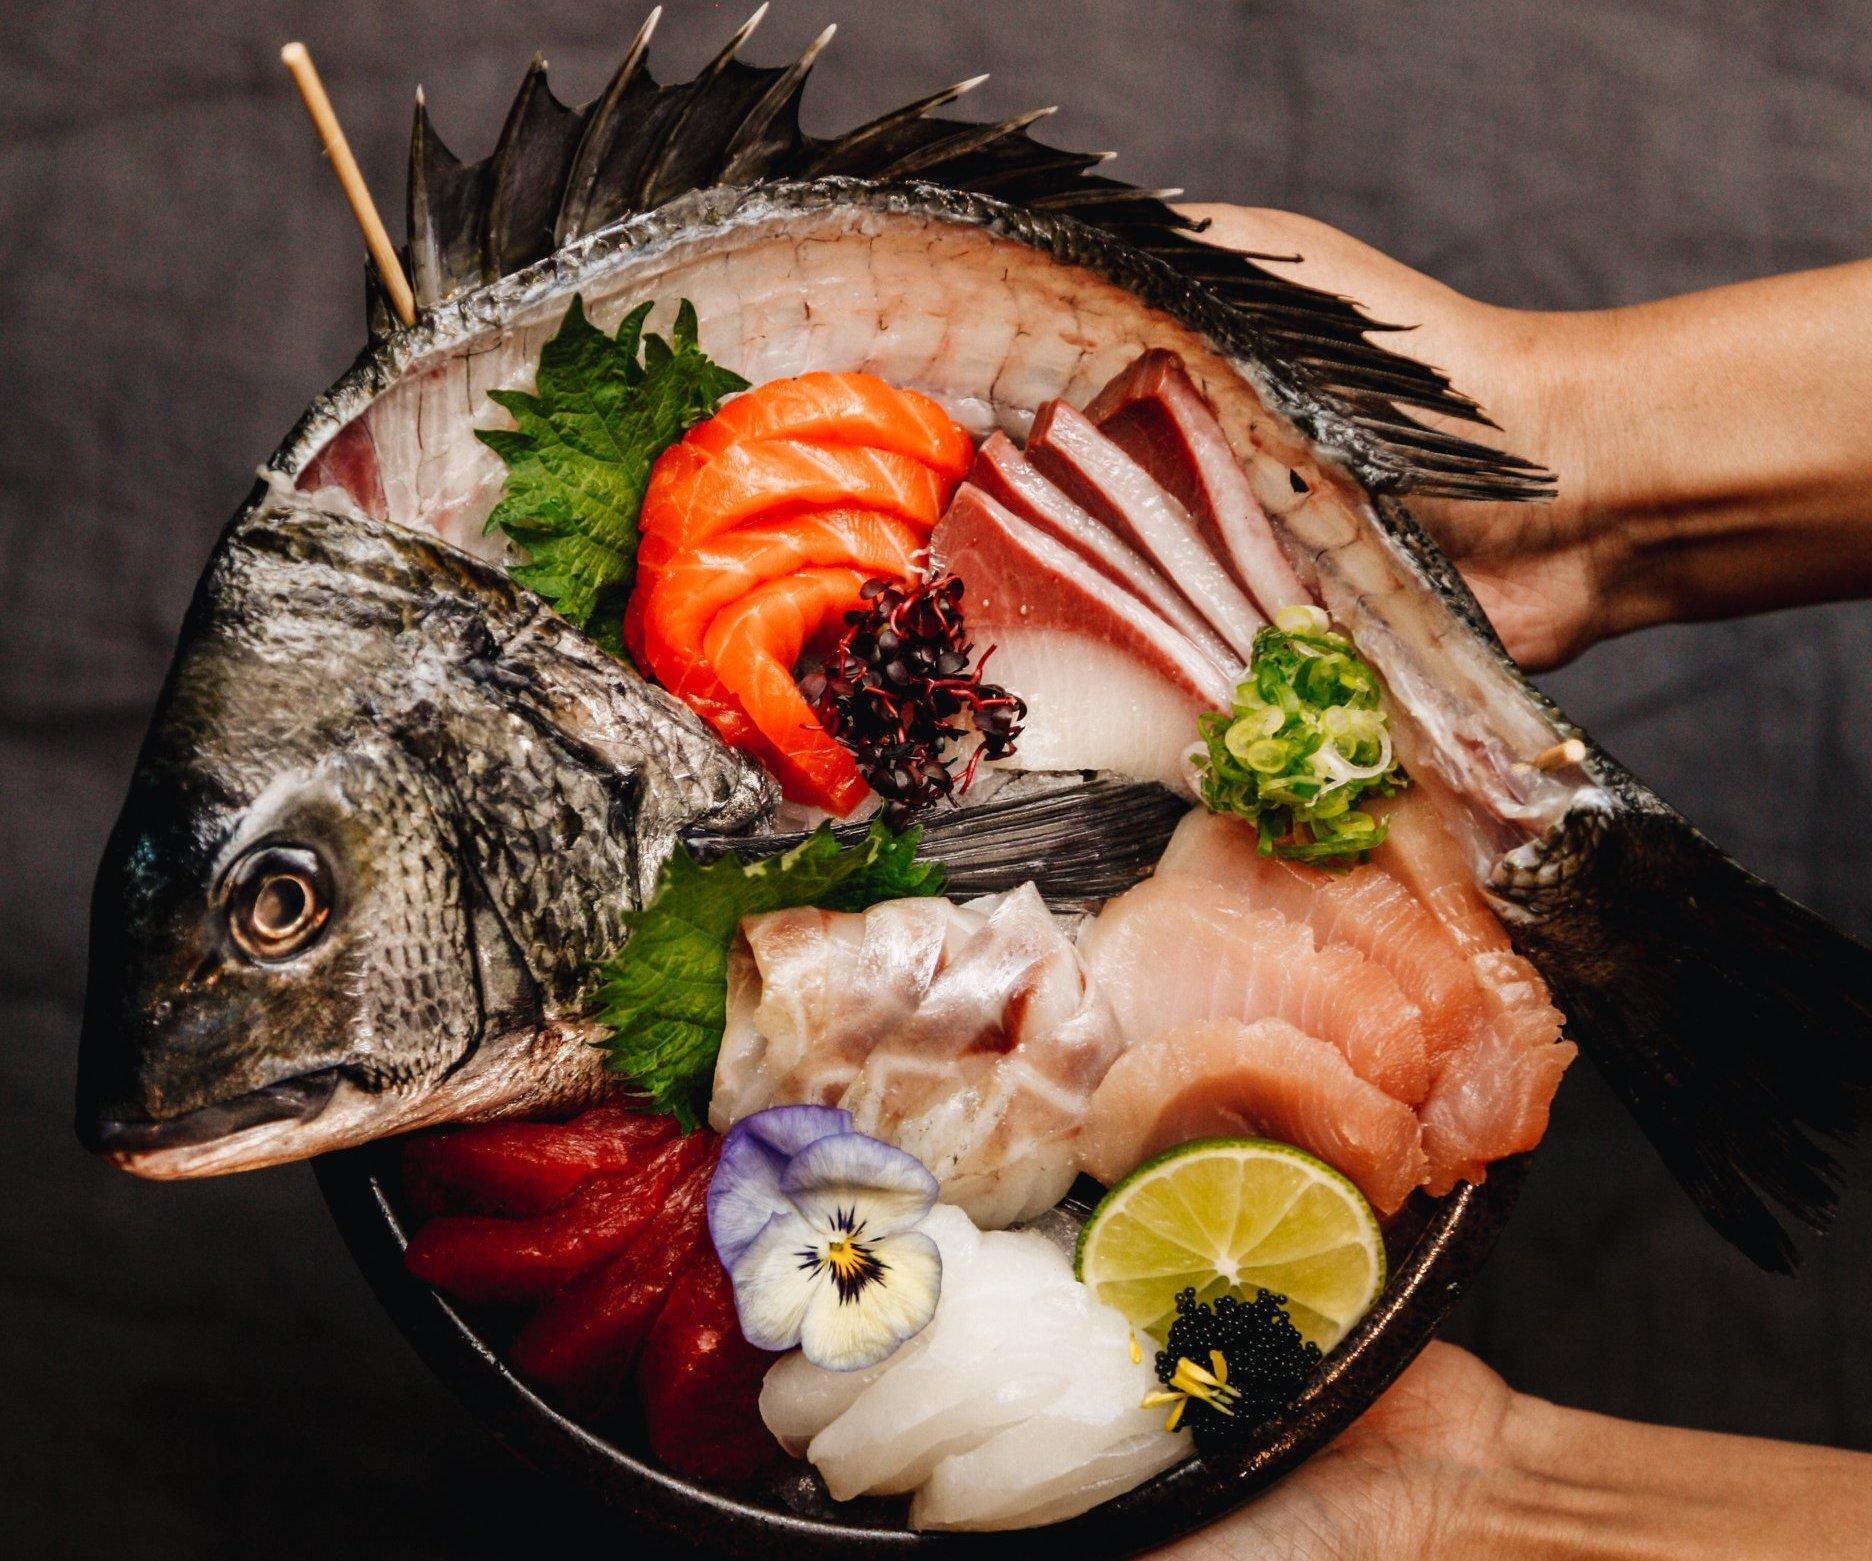 Les meilleurs restaurants de sushi à Montréal